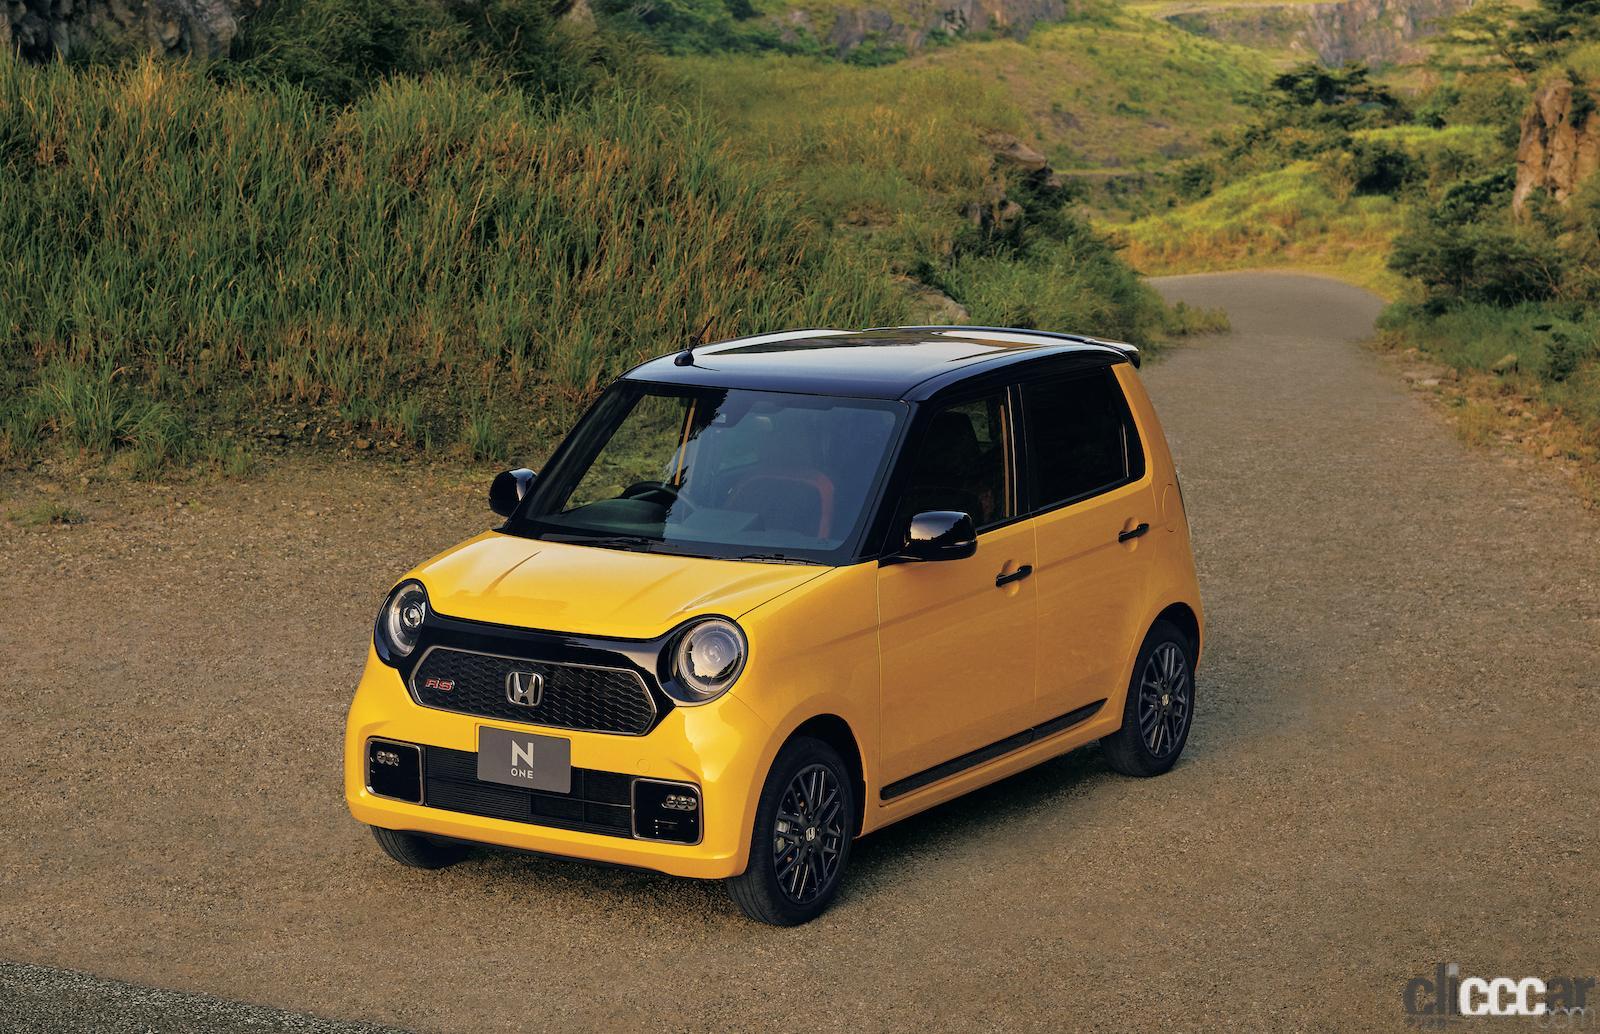 「小さくても運転が楽しい! 新車でマニュアル仕様が買える軽自動車・5選」の3枚目の画像